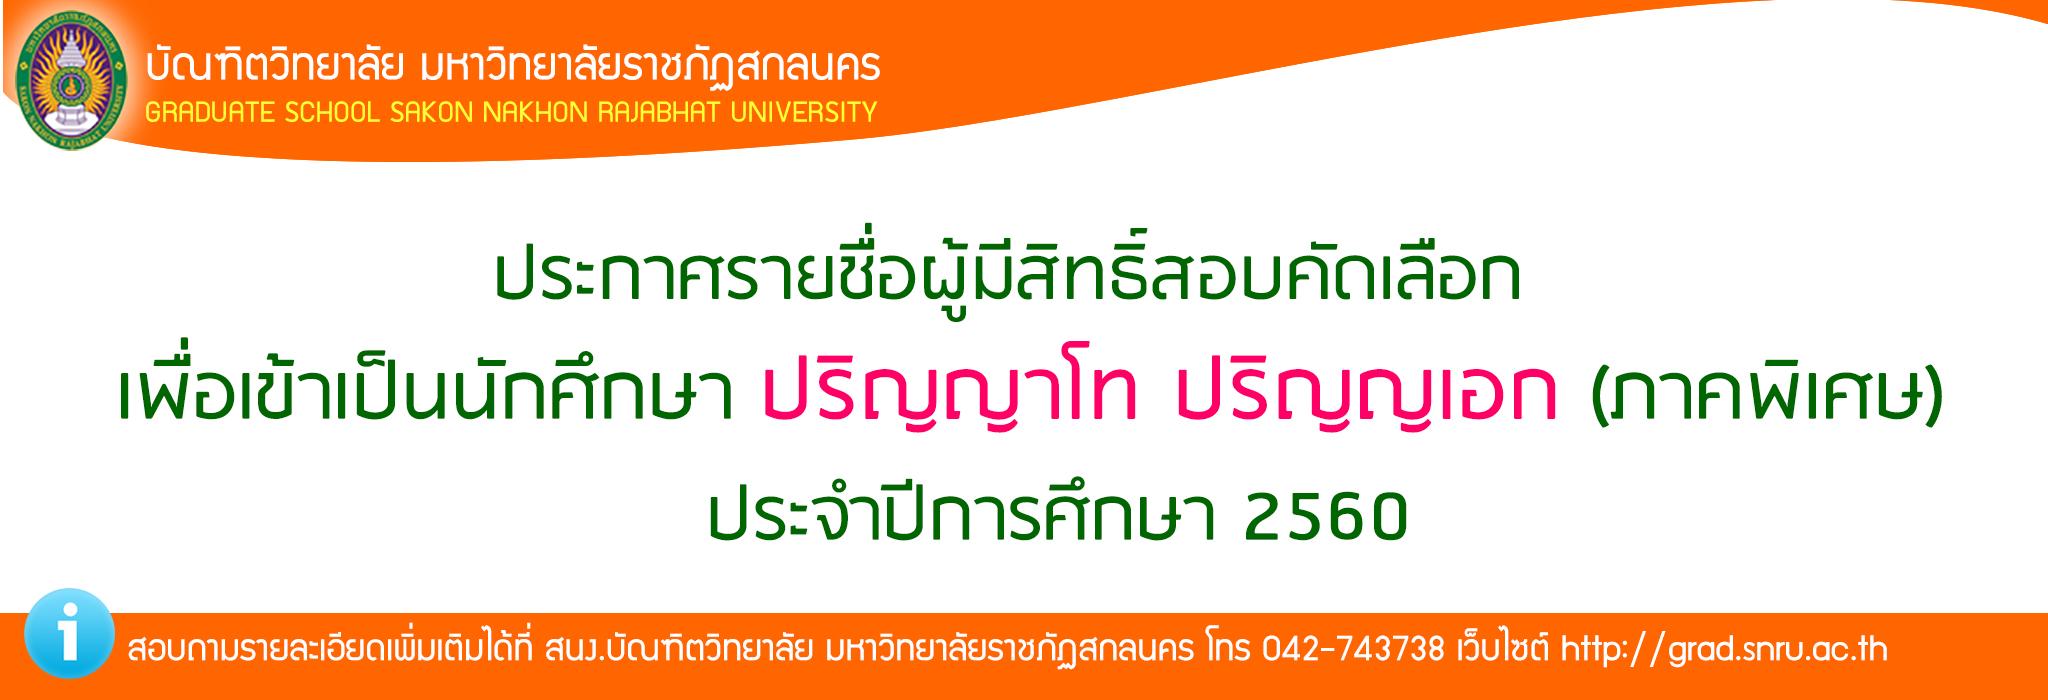 ประกาศรายชื่อผู้มีสิทธิ์สอบคัดเลือกเพื่อเข้าเป็นนักศึกษา โท-เอก (ภาคพิเศษ) ปี 2560